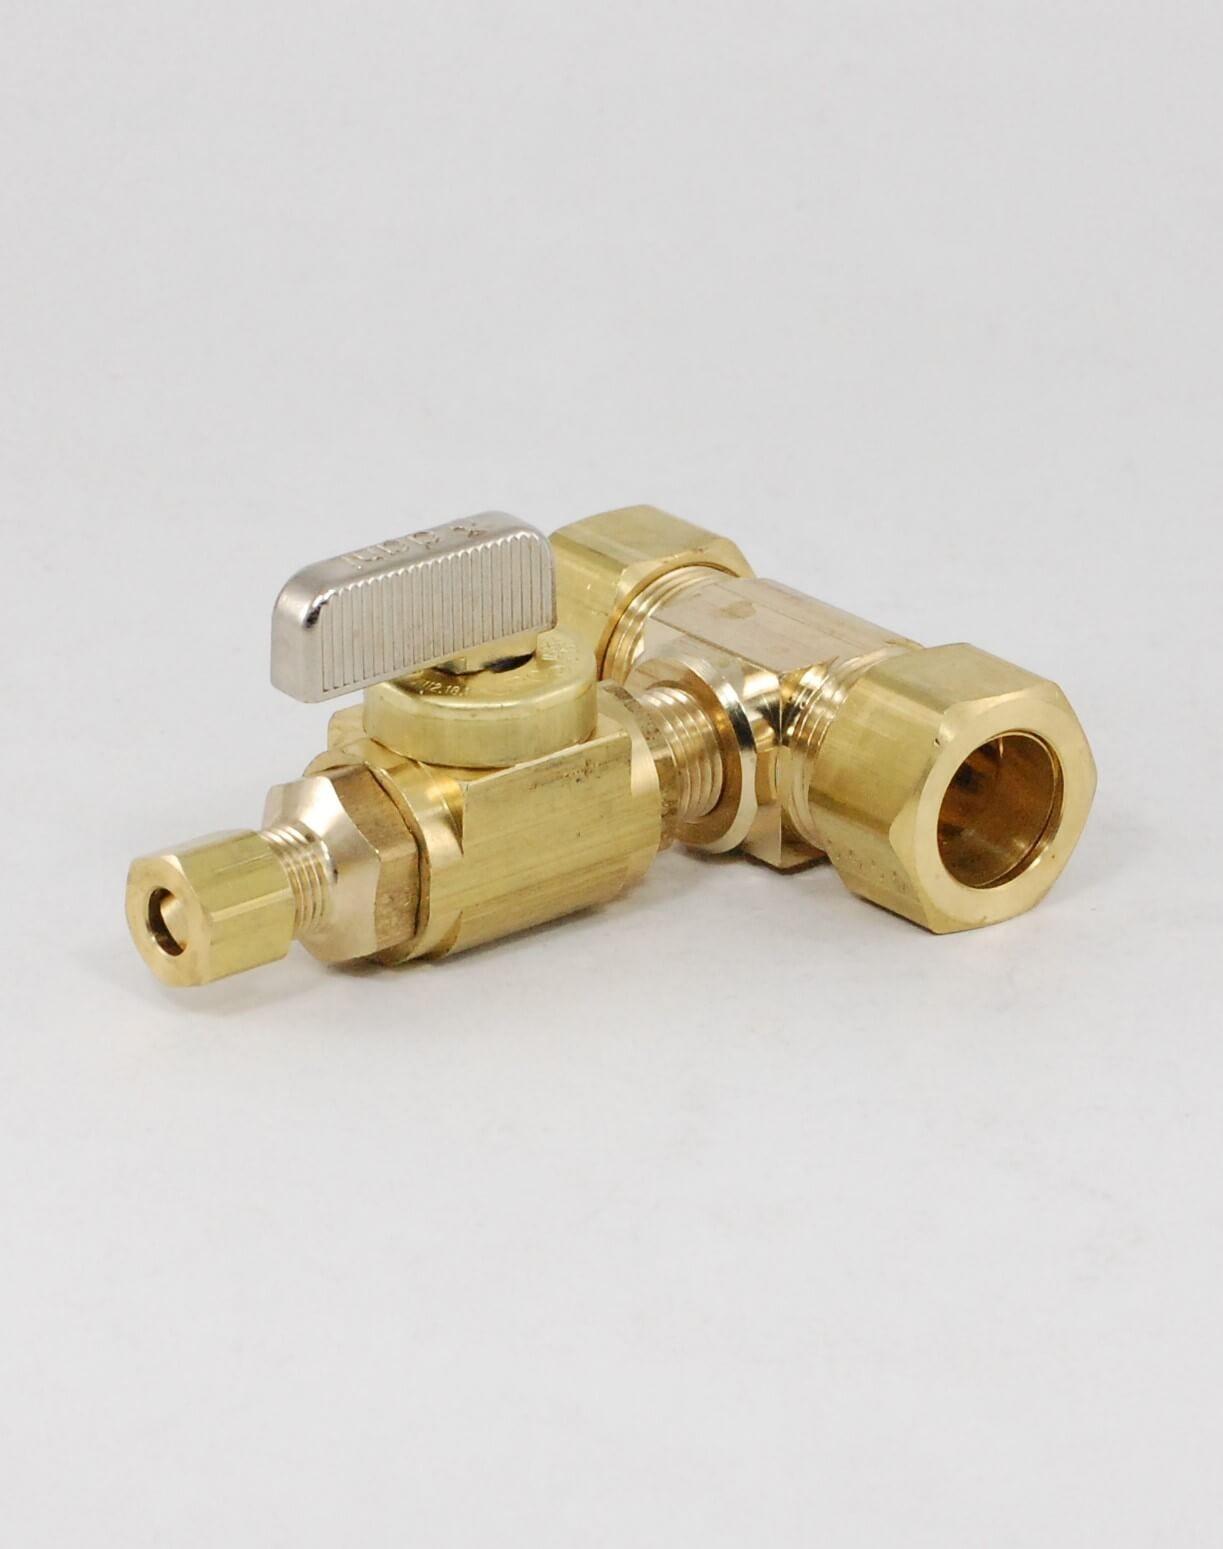 Dahl solderless kit ball valve shut off valves